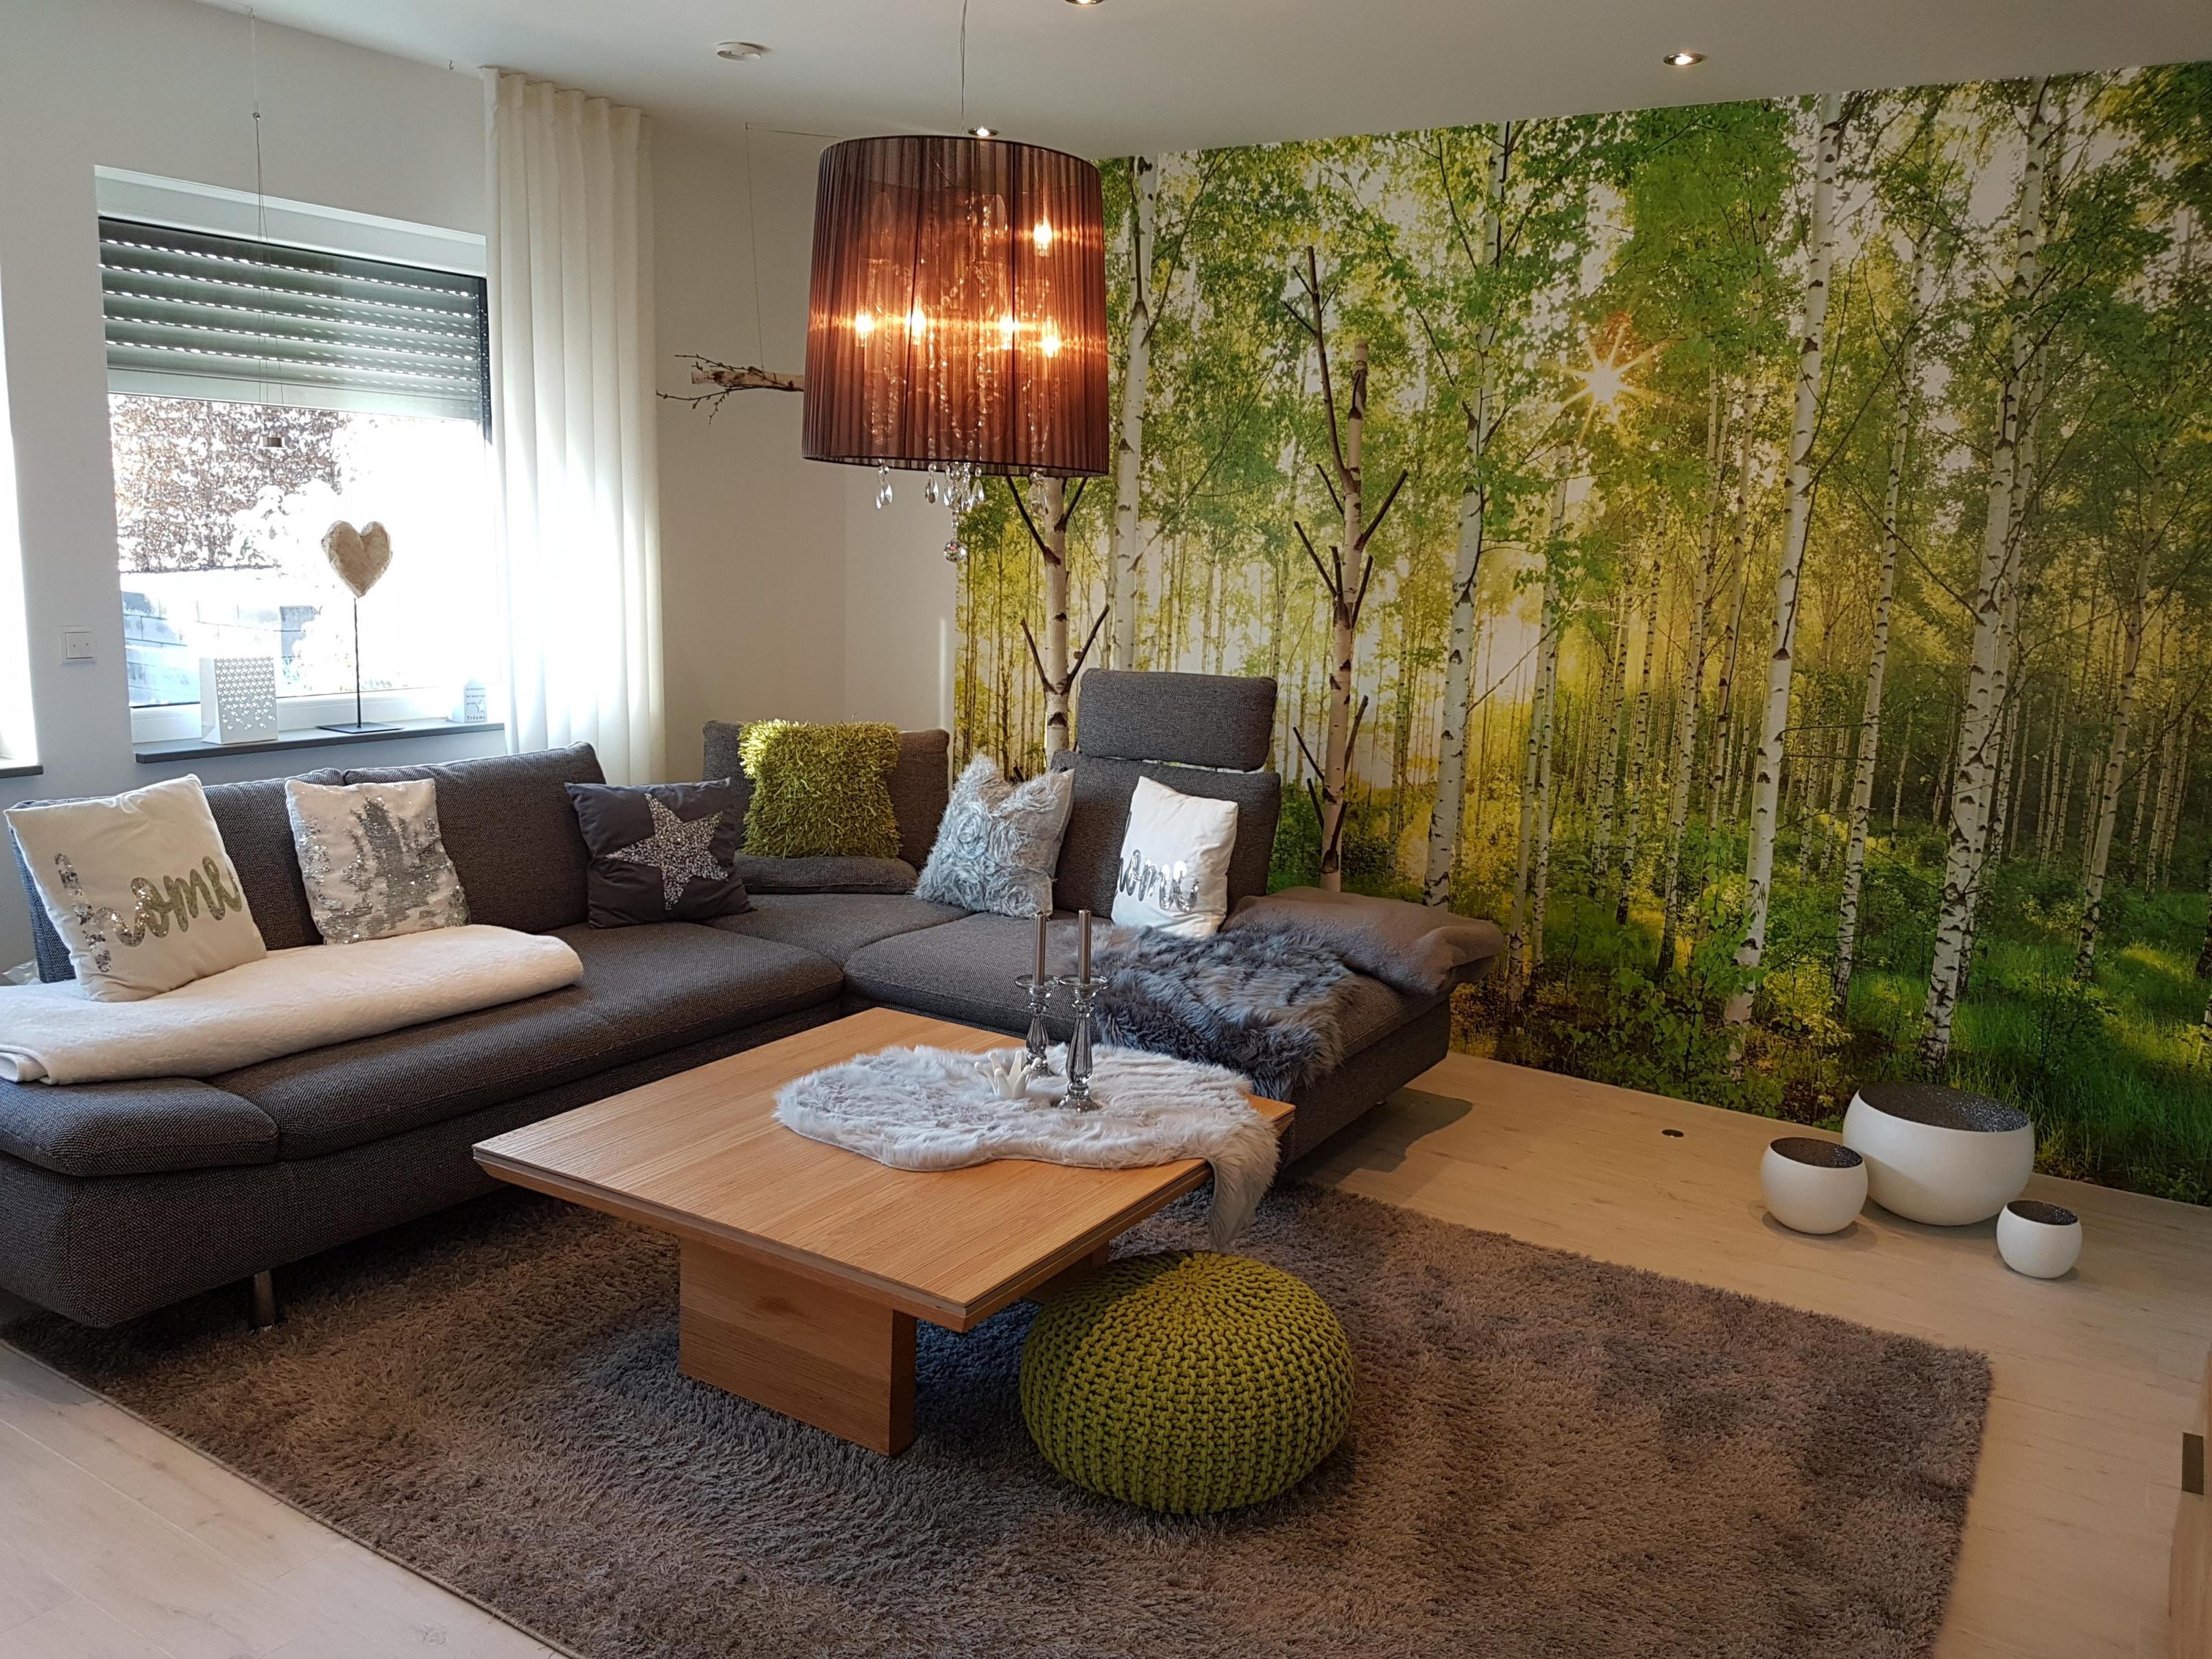 Farben Im Wohnzimmer So Wird's Gemütlich von Wohnzimmer Gestalten Farbe Bild